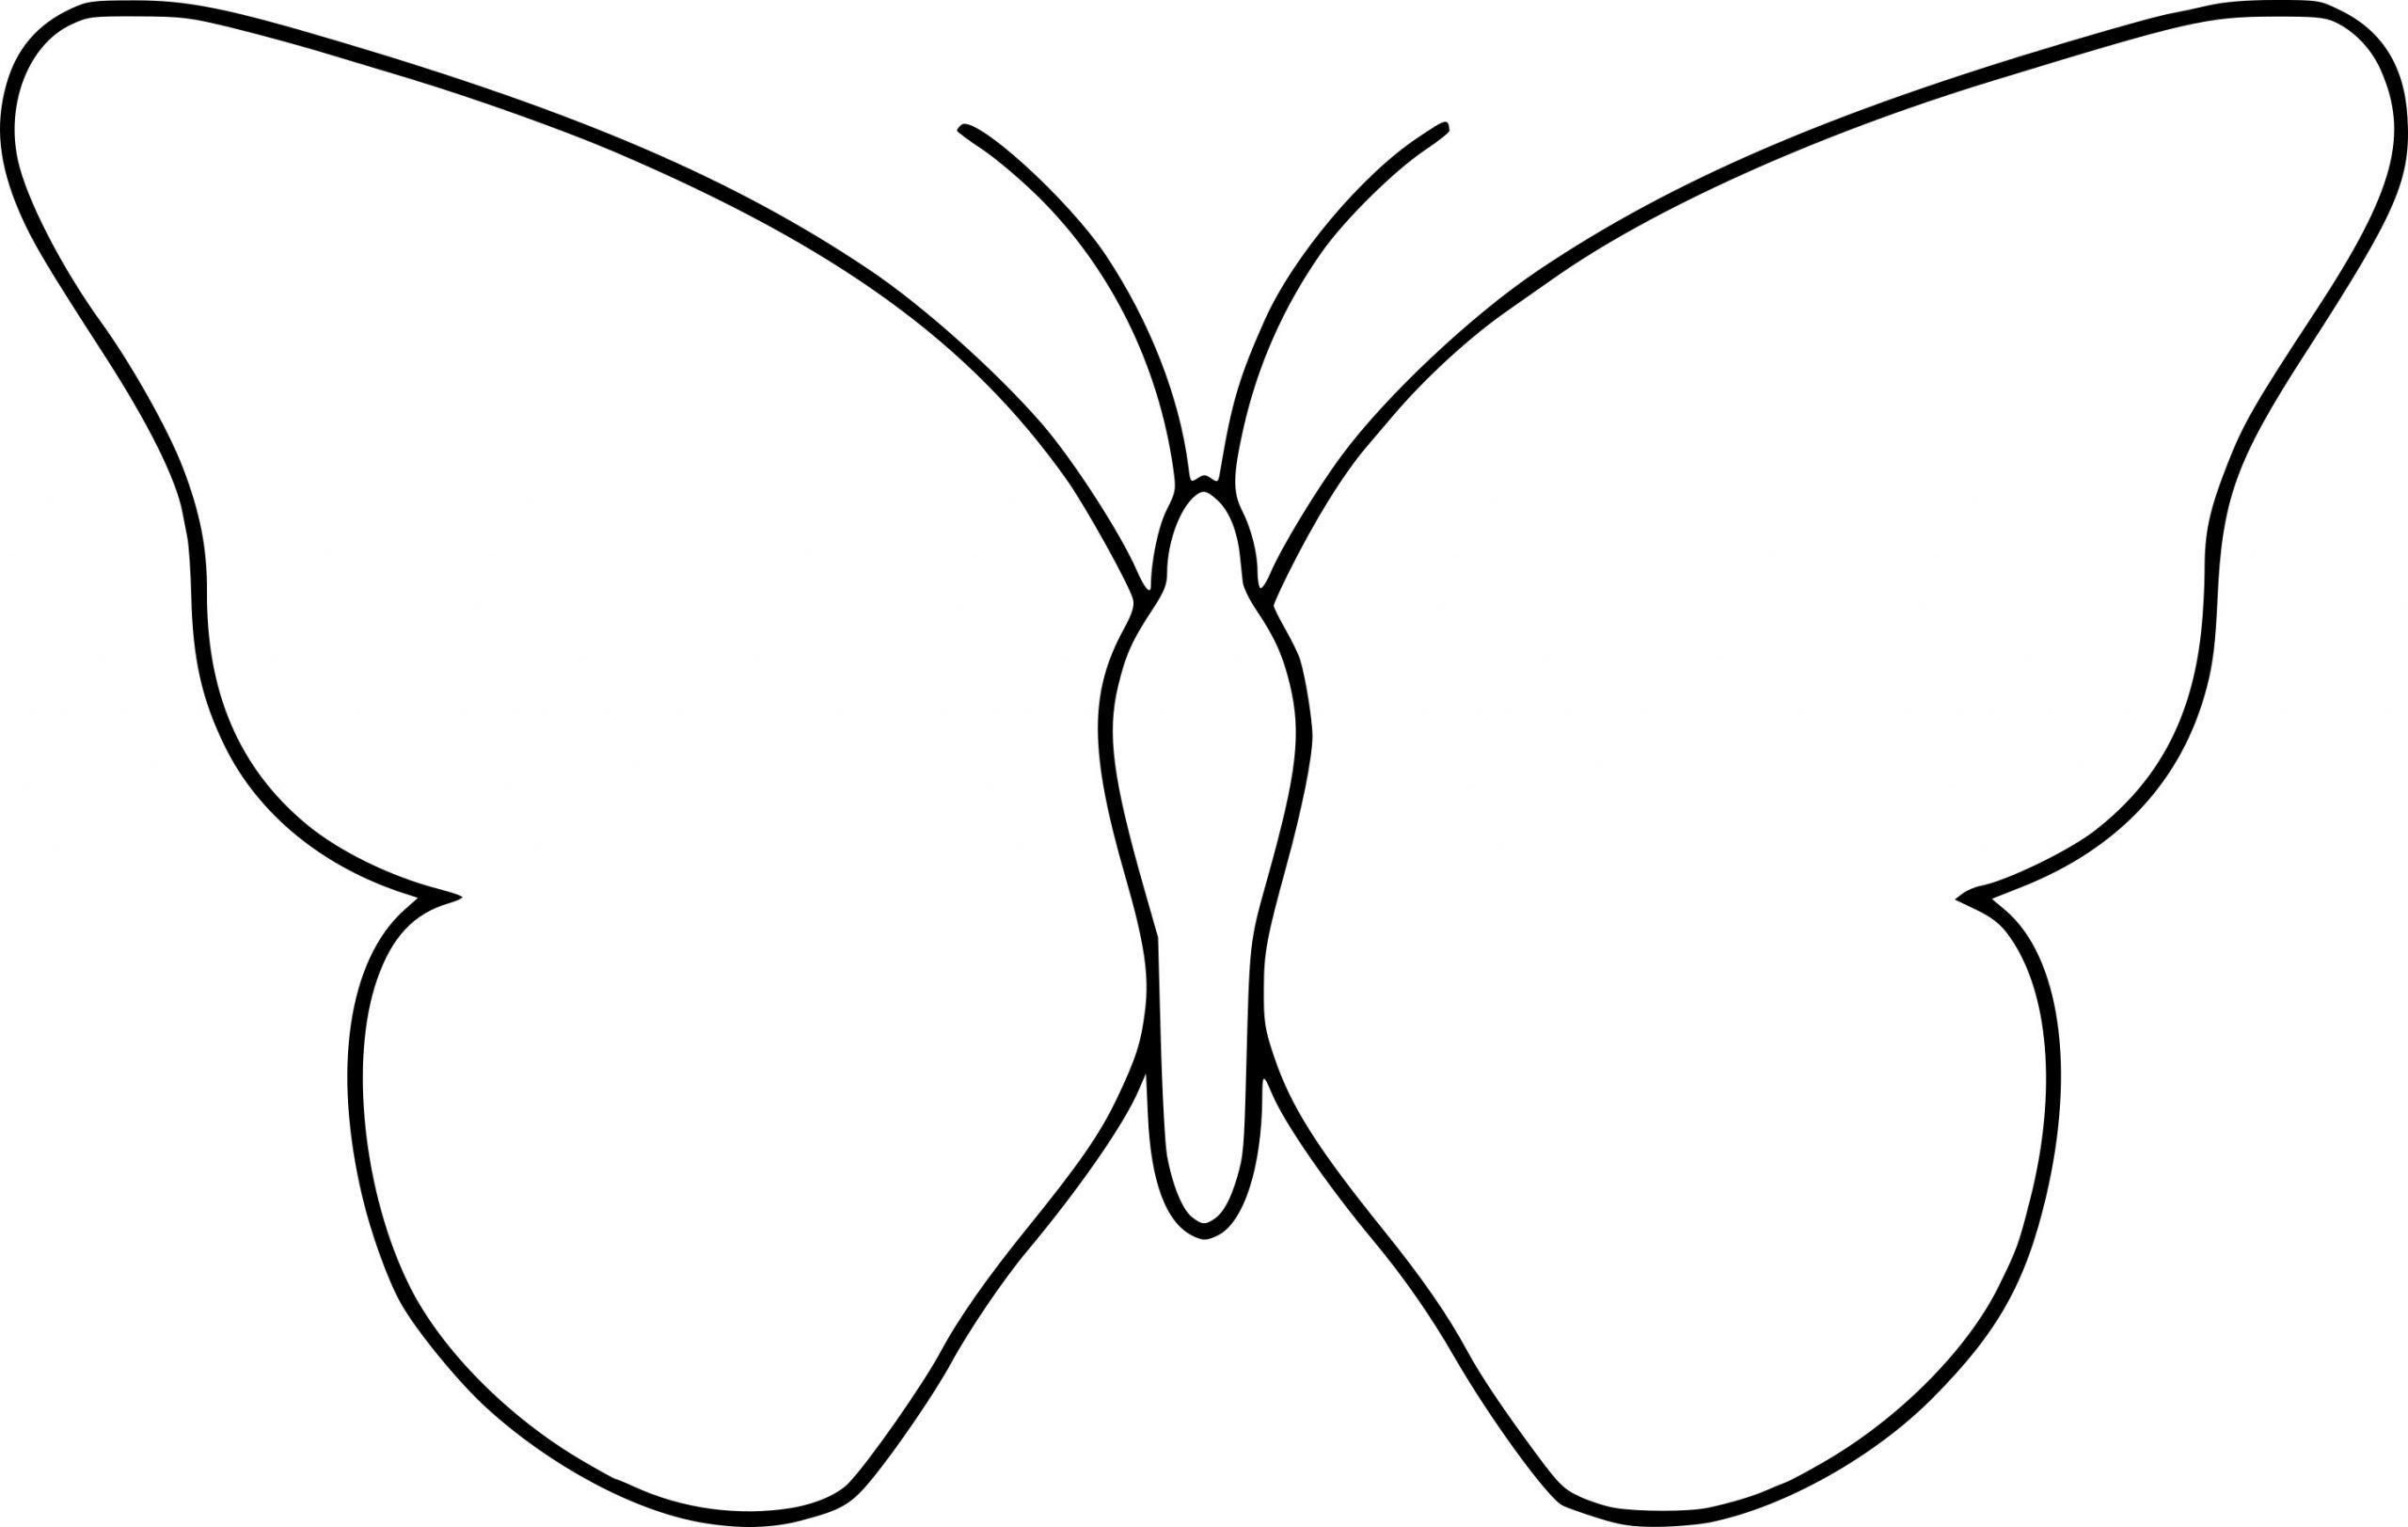 Coloriage Papillon Simple À Imprimer Sur Coloriages tout Dessin A Imprimer Papillon Gratuit